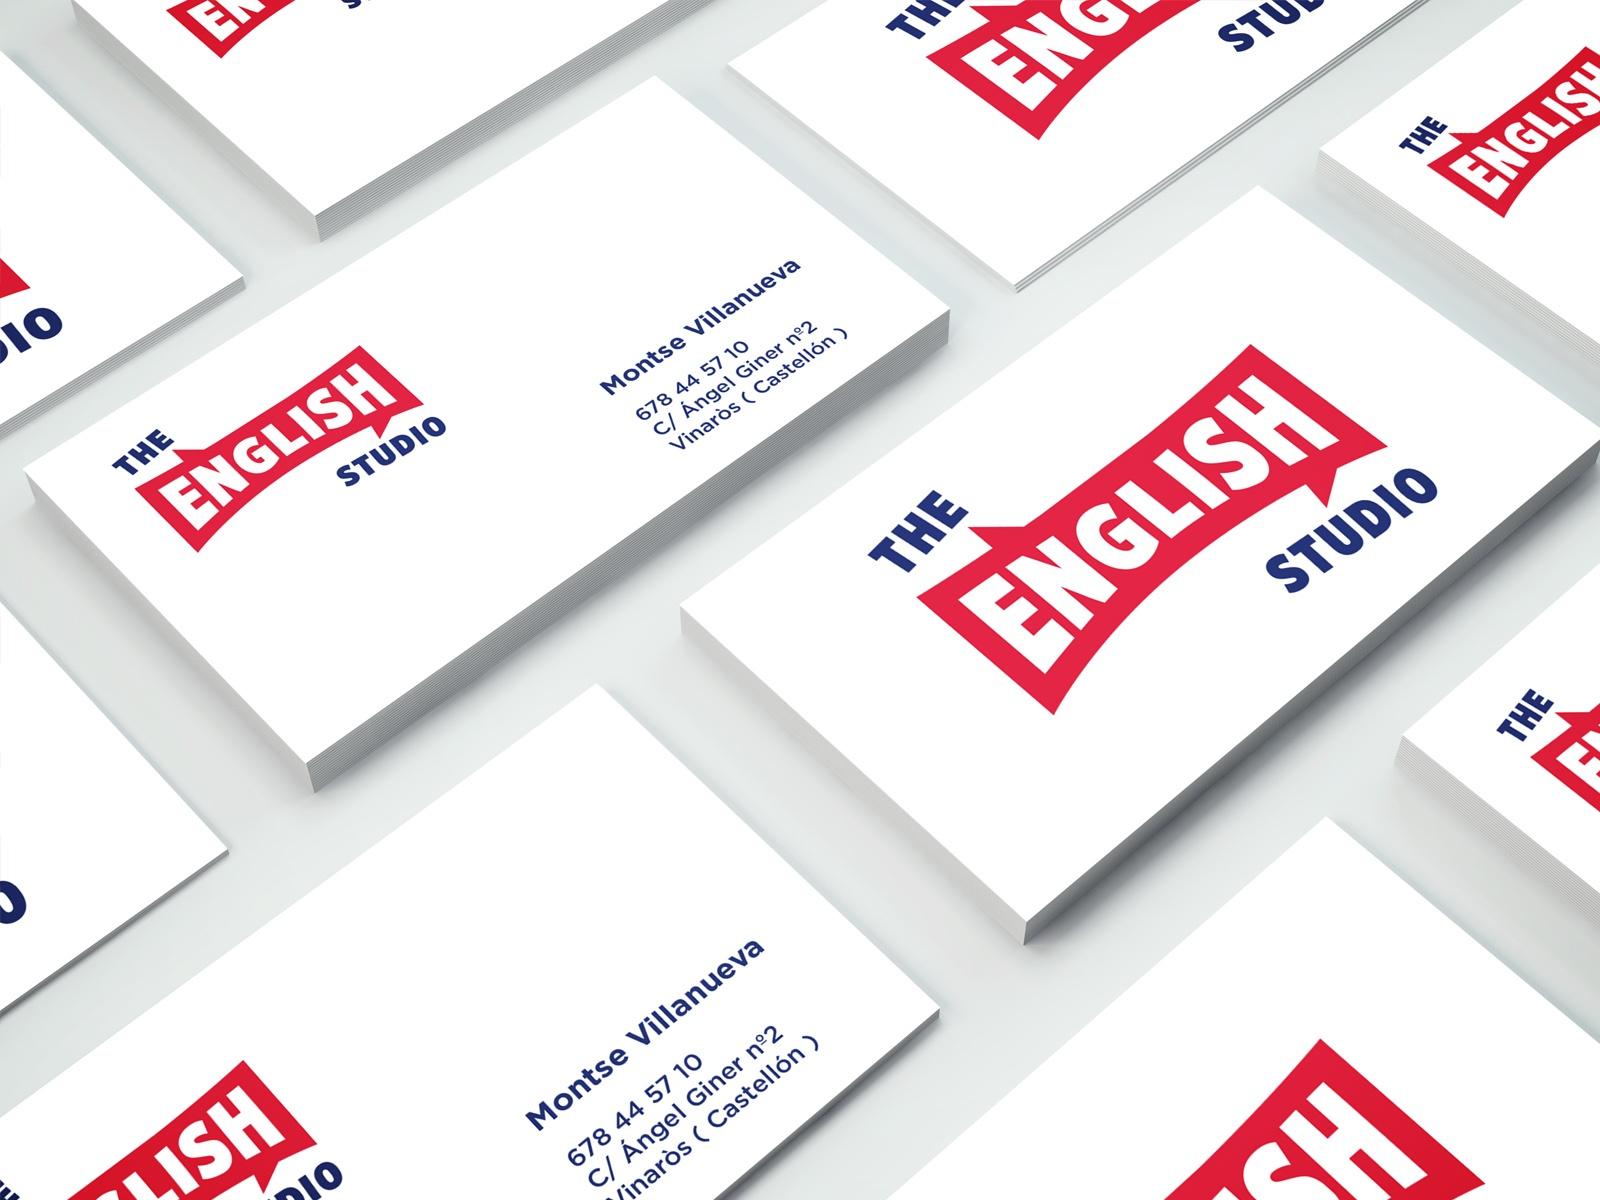 The English Studio, tarjetas corporativas, ilustración mural, diseño de ilustracones corporativas, Identidad Corporativa, logo, Branding, imagen visual, escuela de idiomas